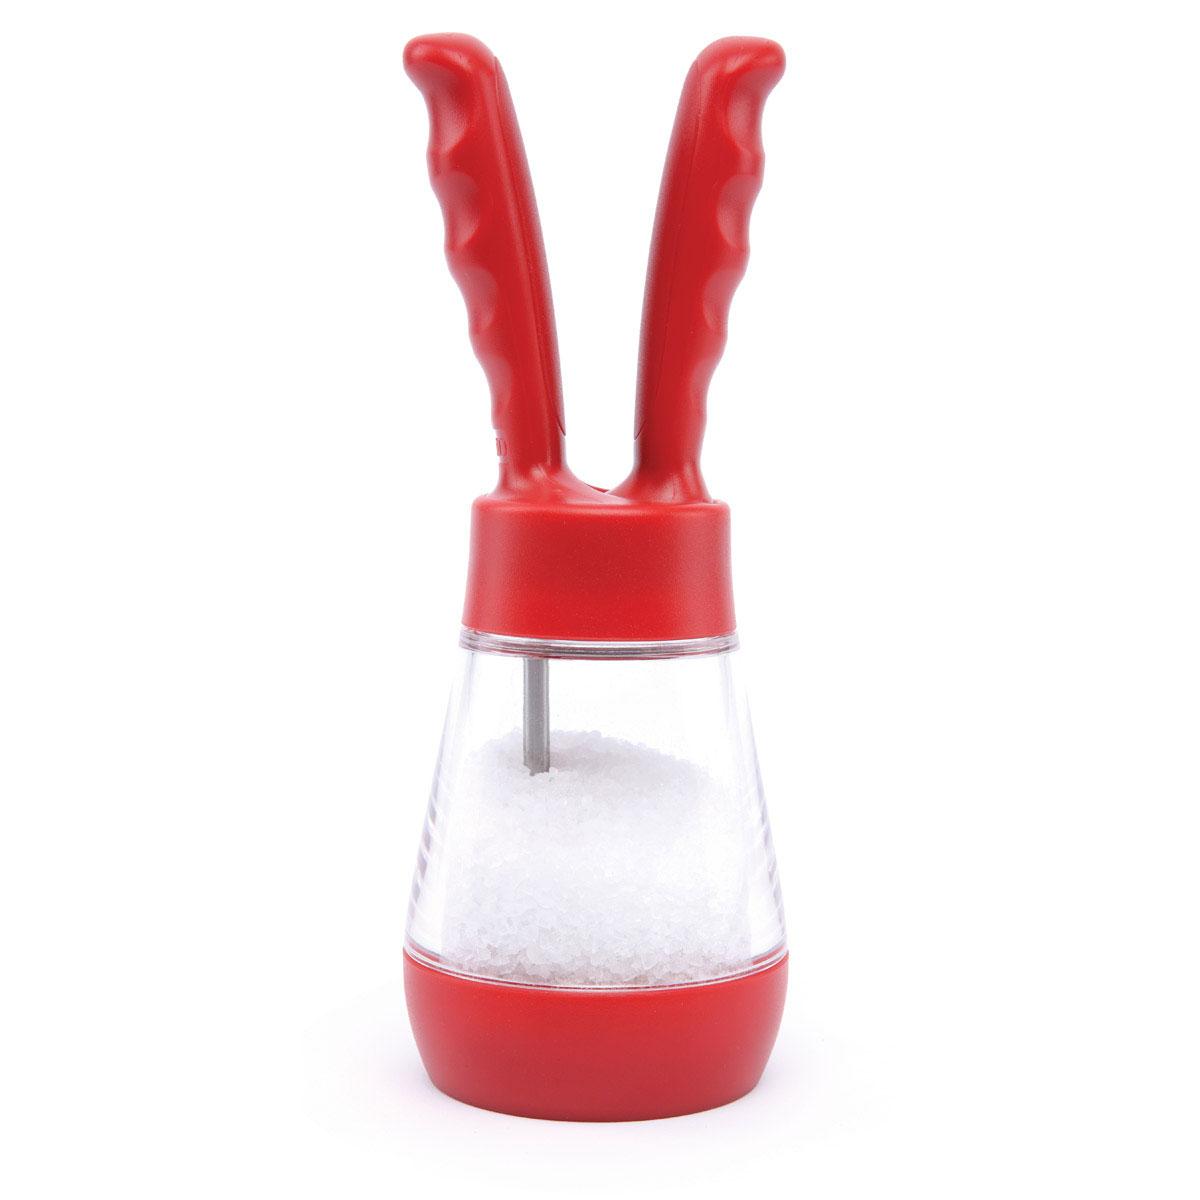 Мельница для соли David Mason Design с ручками, цвет: красный, высота 18,5 смDM7002102020SMМельница для соли David Mason Designизготовлена из прозрачного пищевого пластика, чтопозволяет видеть количество содержимого вемкости. Механизм помола выполнен изнержавеющей стали.Оригинальная мельница модного дизайна с ручкамидля помолки будетотлично смотреться на вашей кухне.Размер мельницы: 6 см х 6 см х 18,5 см.